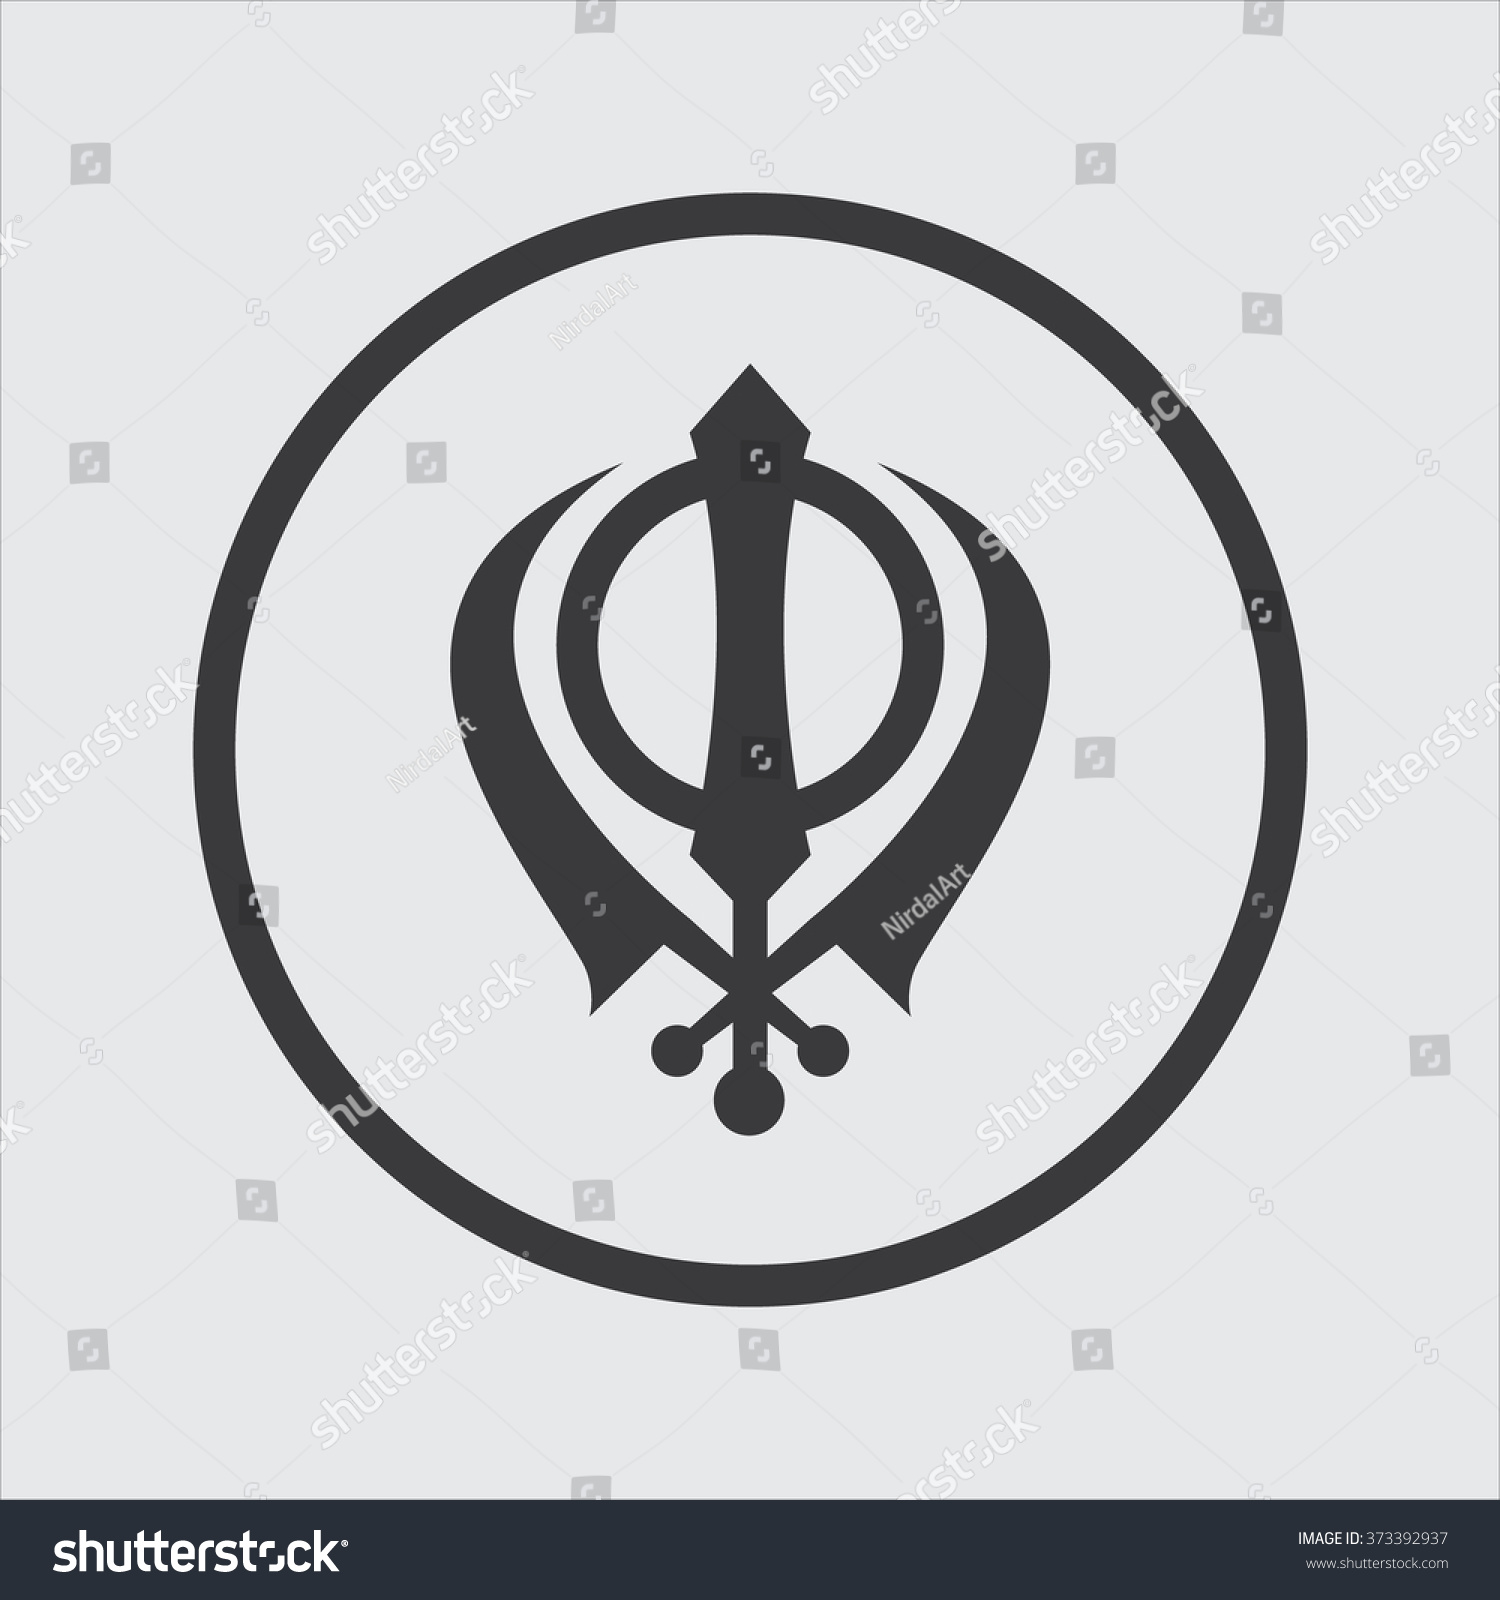 Royalty Free Khanda Symbol Sikhism Religion 373392937 Stock